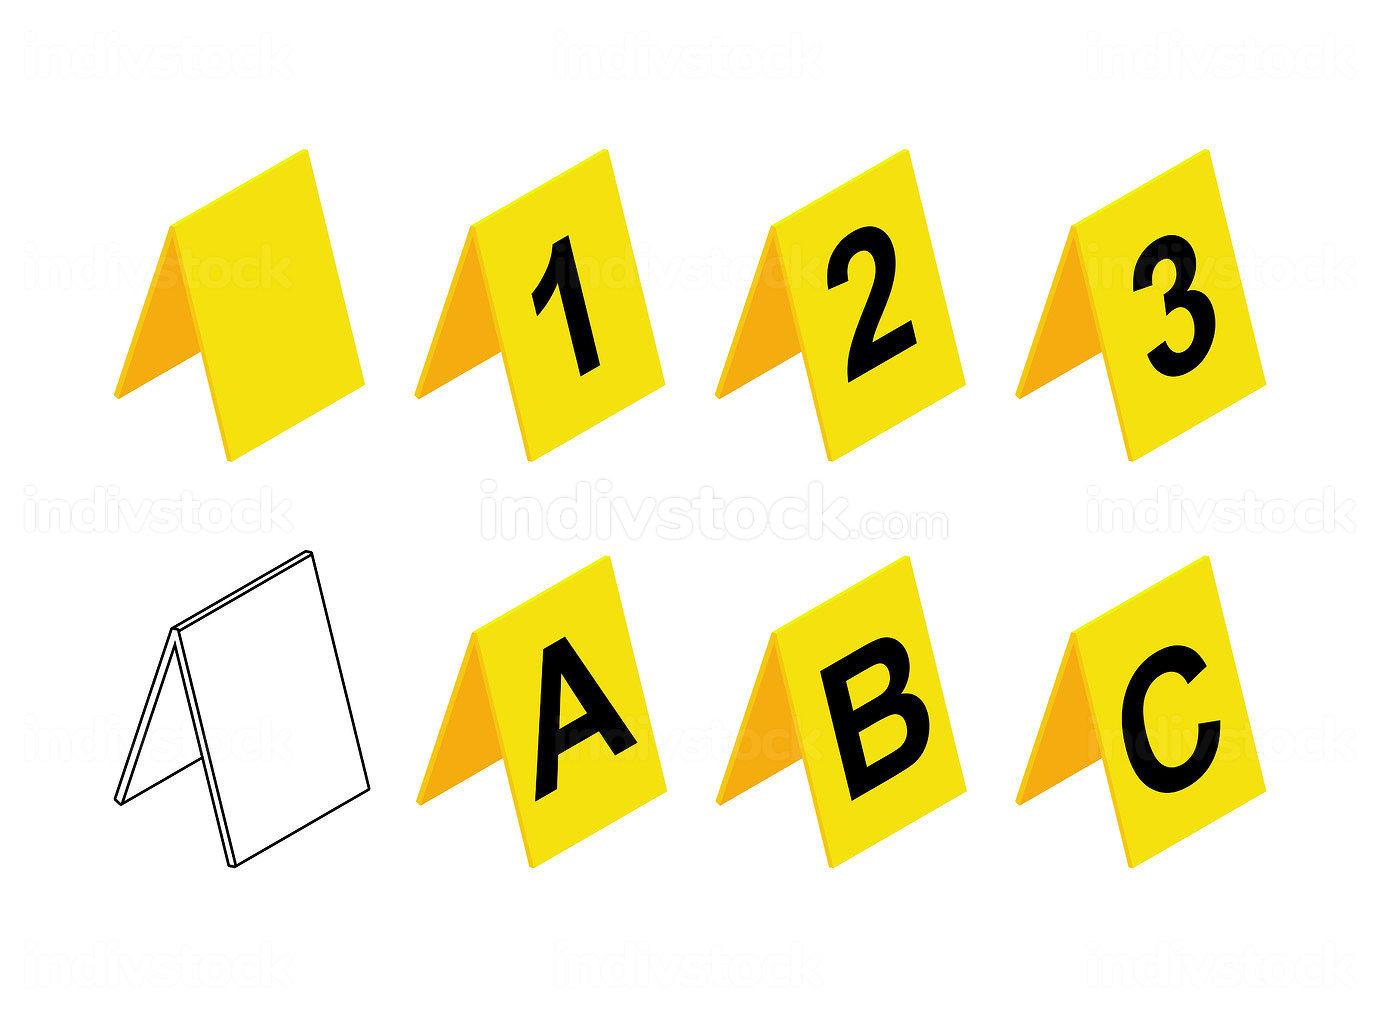 Crime scene markers design. Plastic yellow investigation label